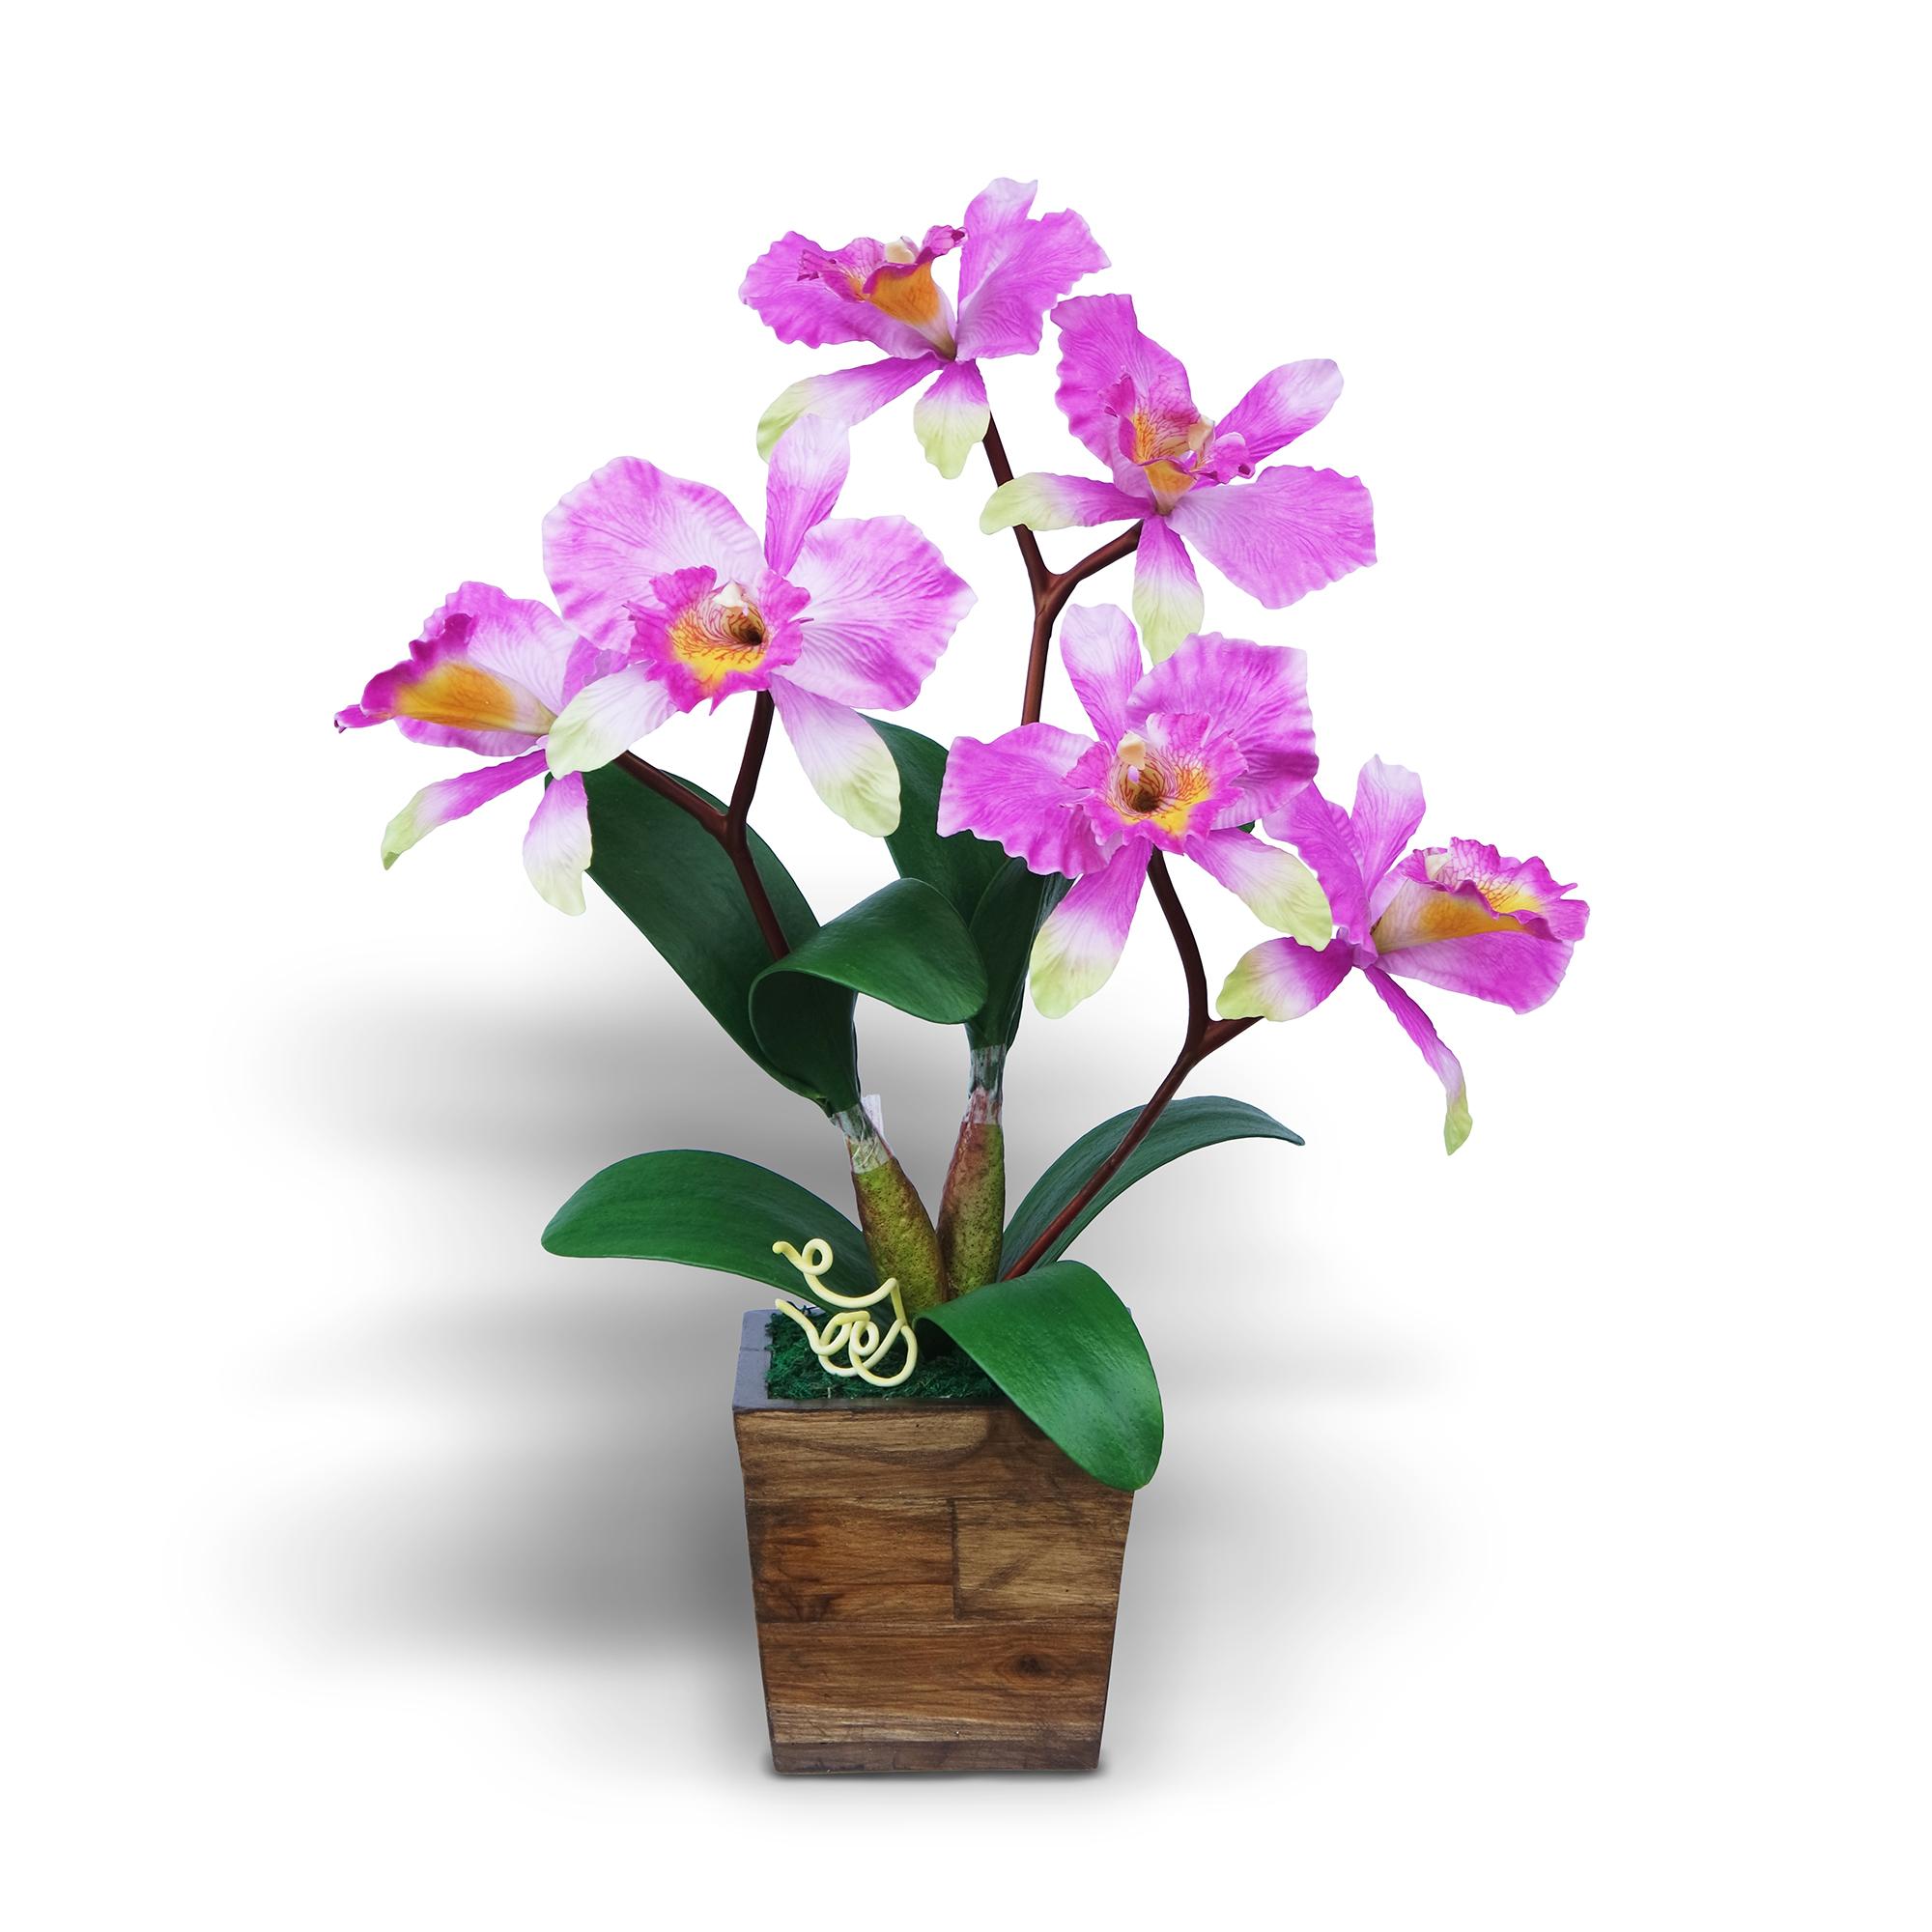 แจกันดอกไม้ประดิษฐ์ แคทลียา Cattleya สีชมพู ในแจกันไม้จริงสีโอ๊ค